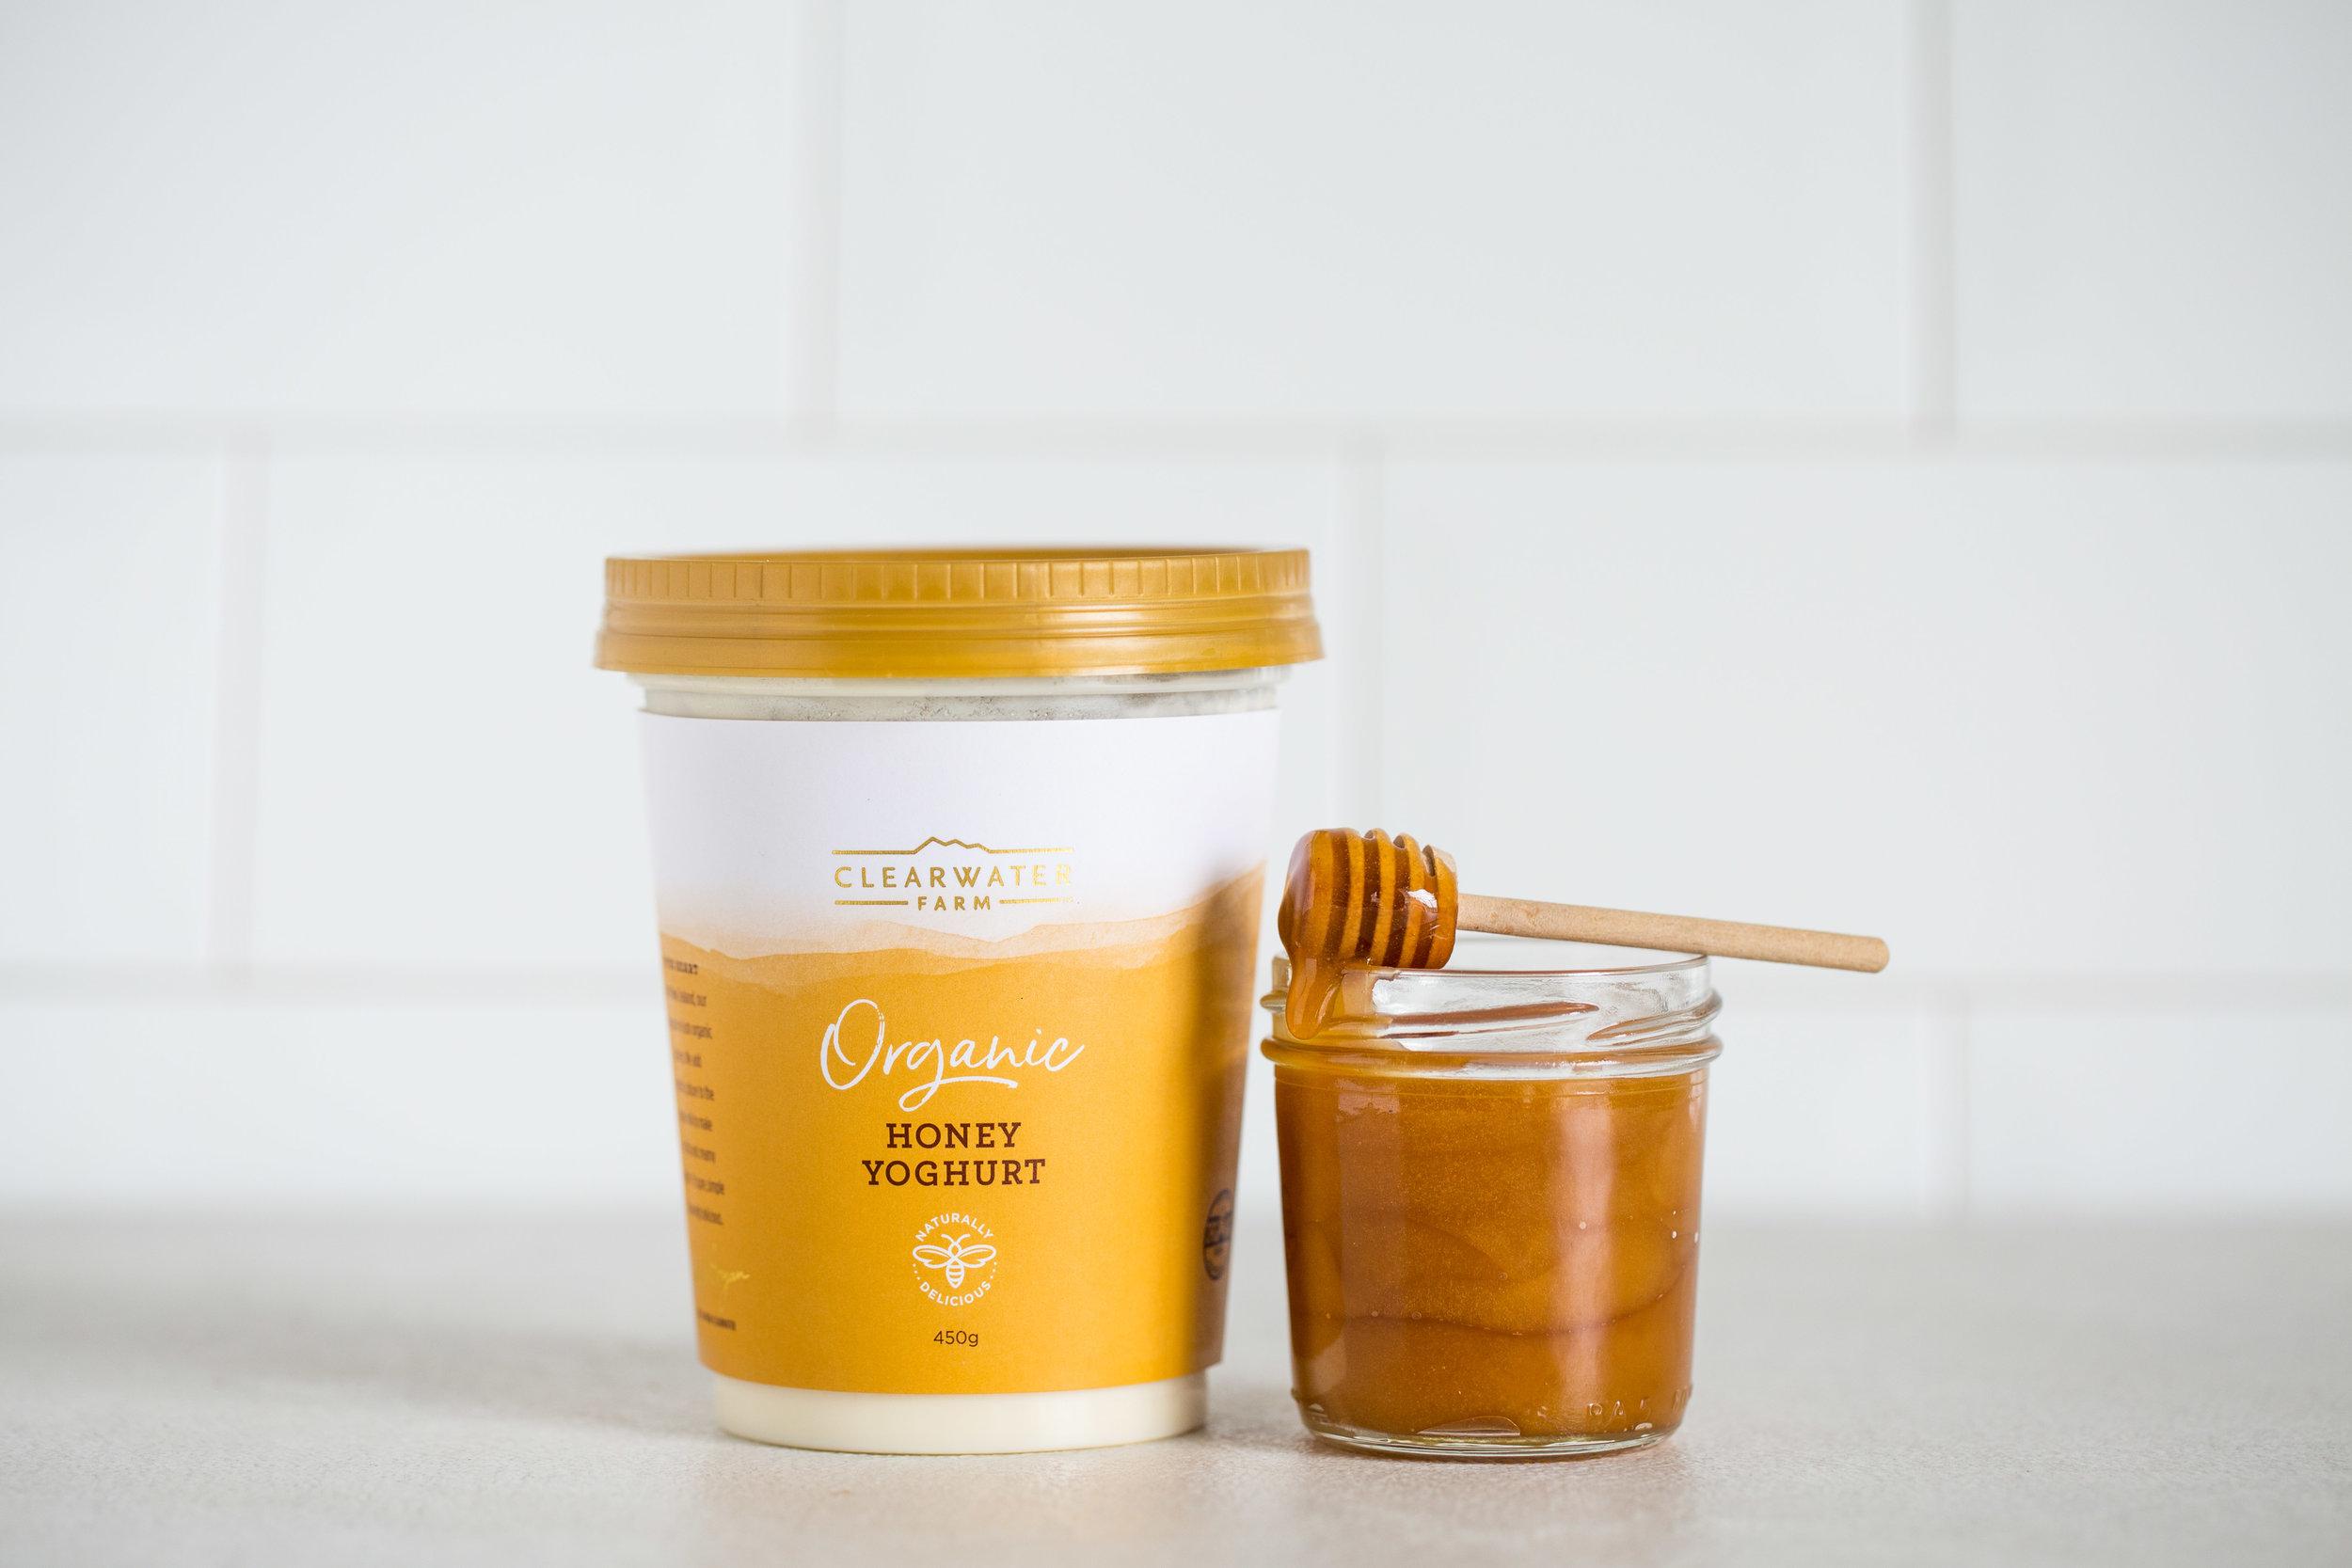 Clearwaters-Organic-Honey-Yoghurt2.jpg